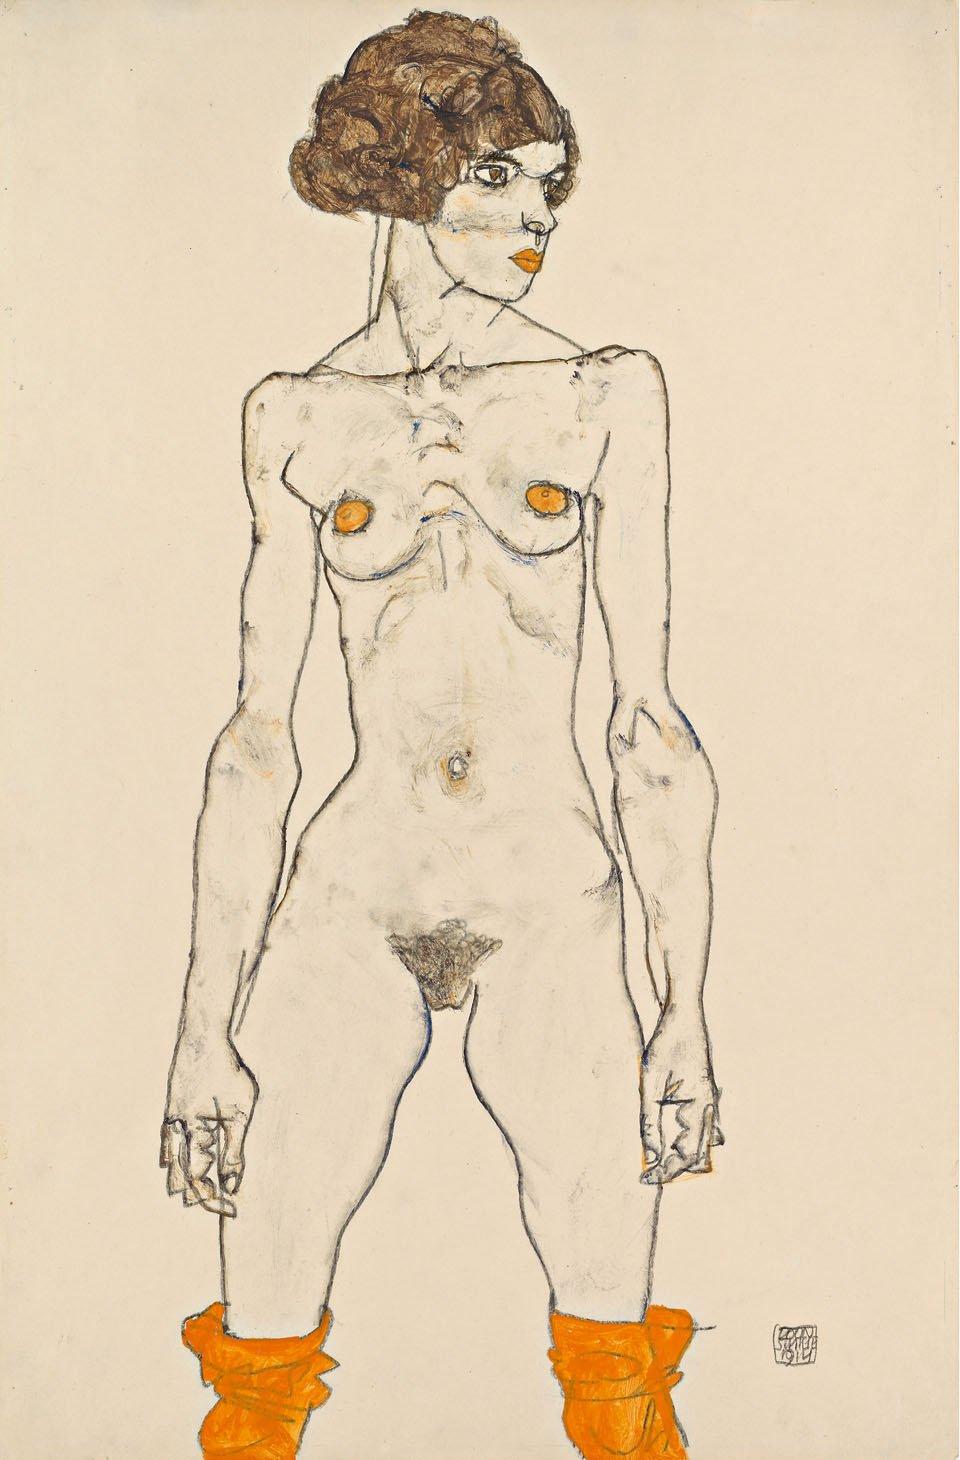 © Leopold Museum, Vienna | S. 318 | Titel: Stehendes nacktes Mädchen mit orangefarbenen Strümpfen, 1914 Wien, Leopold Museum